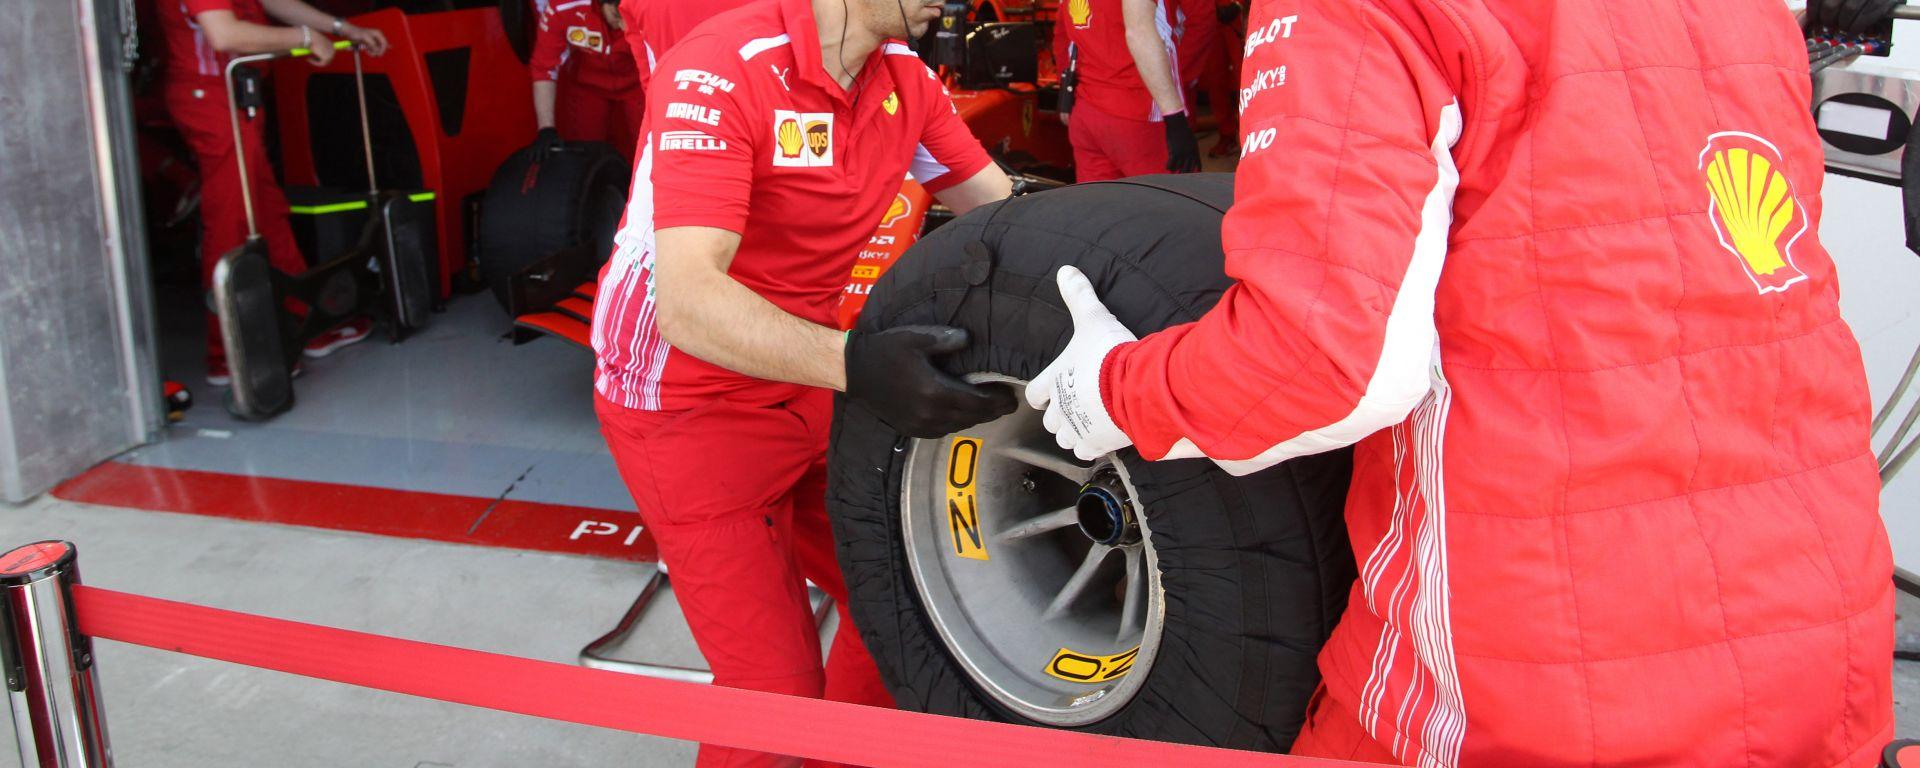 Pirelli, GP Francia: scelte identiche di Ferrari e Mercedes